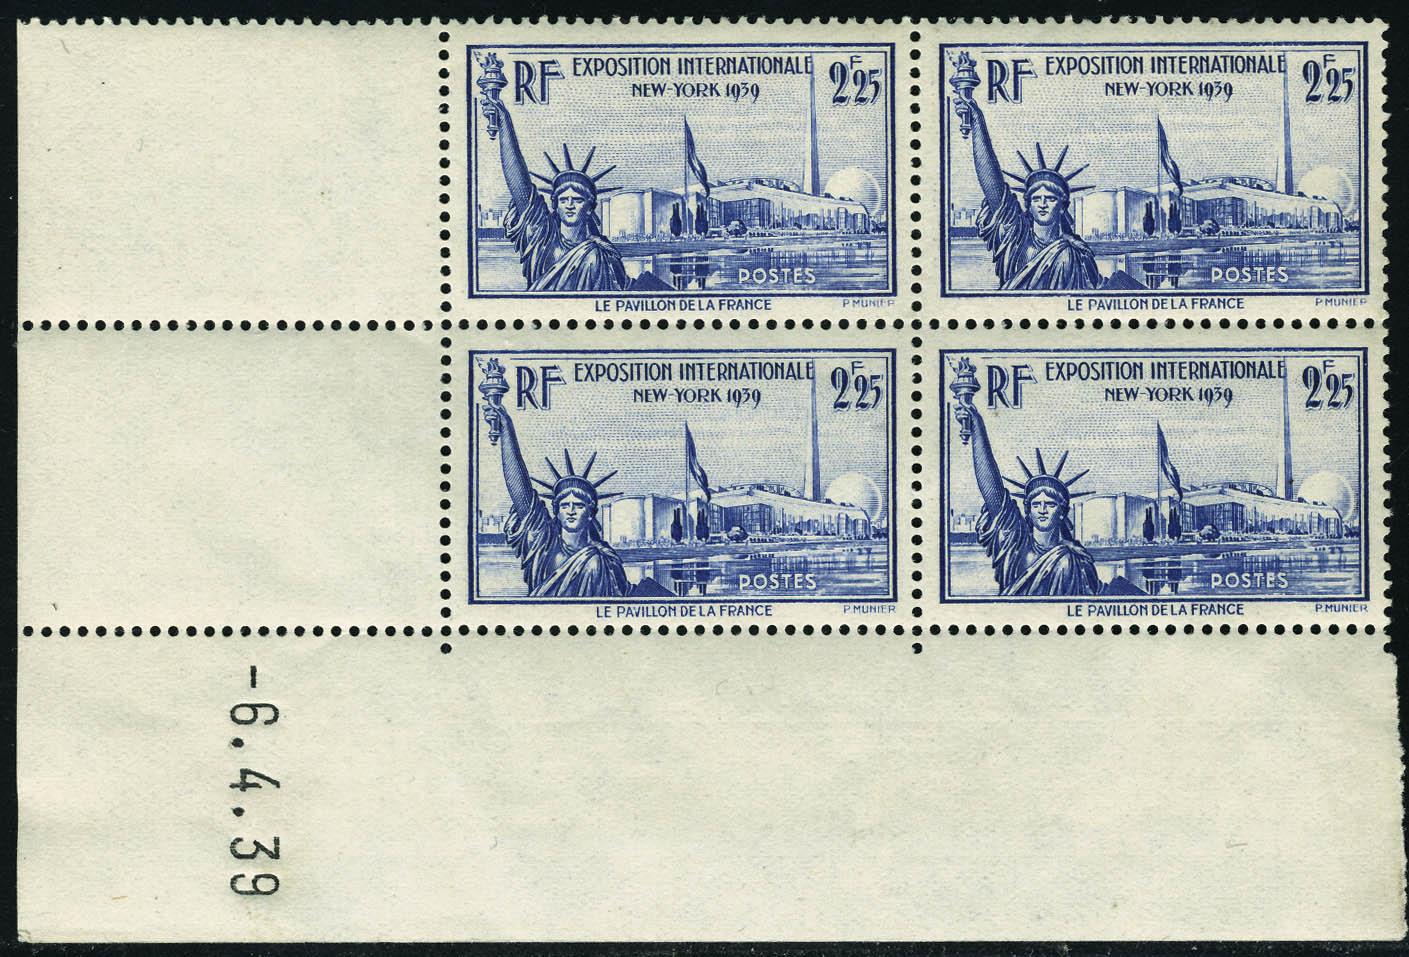 Lot 606 - France a partir de 1900 -  Francois Feldman F.C.N.P François FELDMAN sale #122